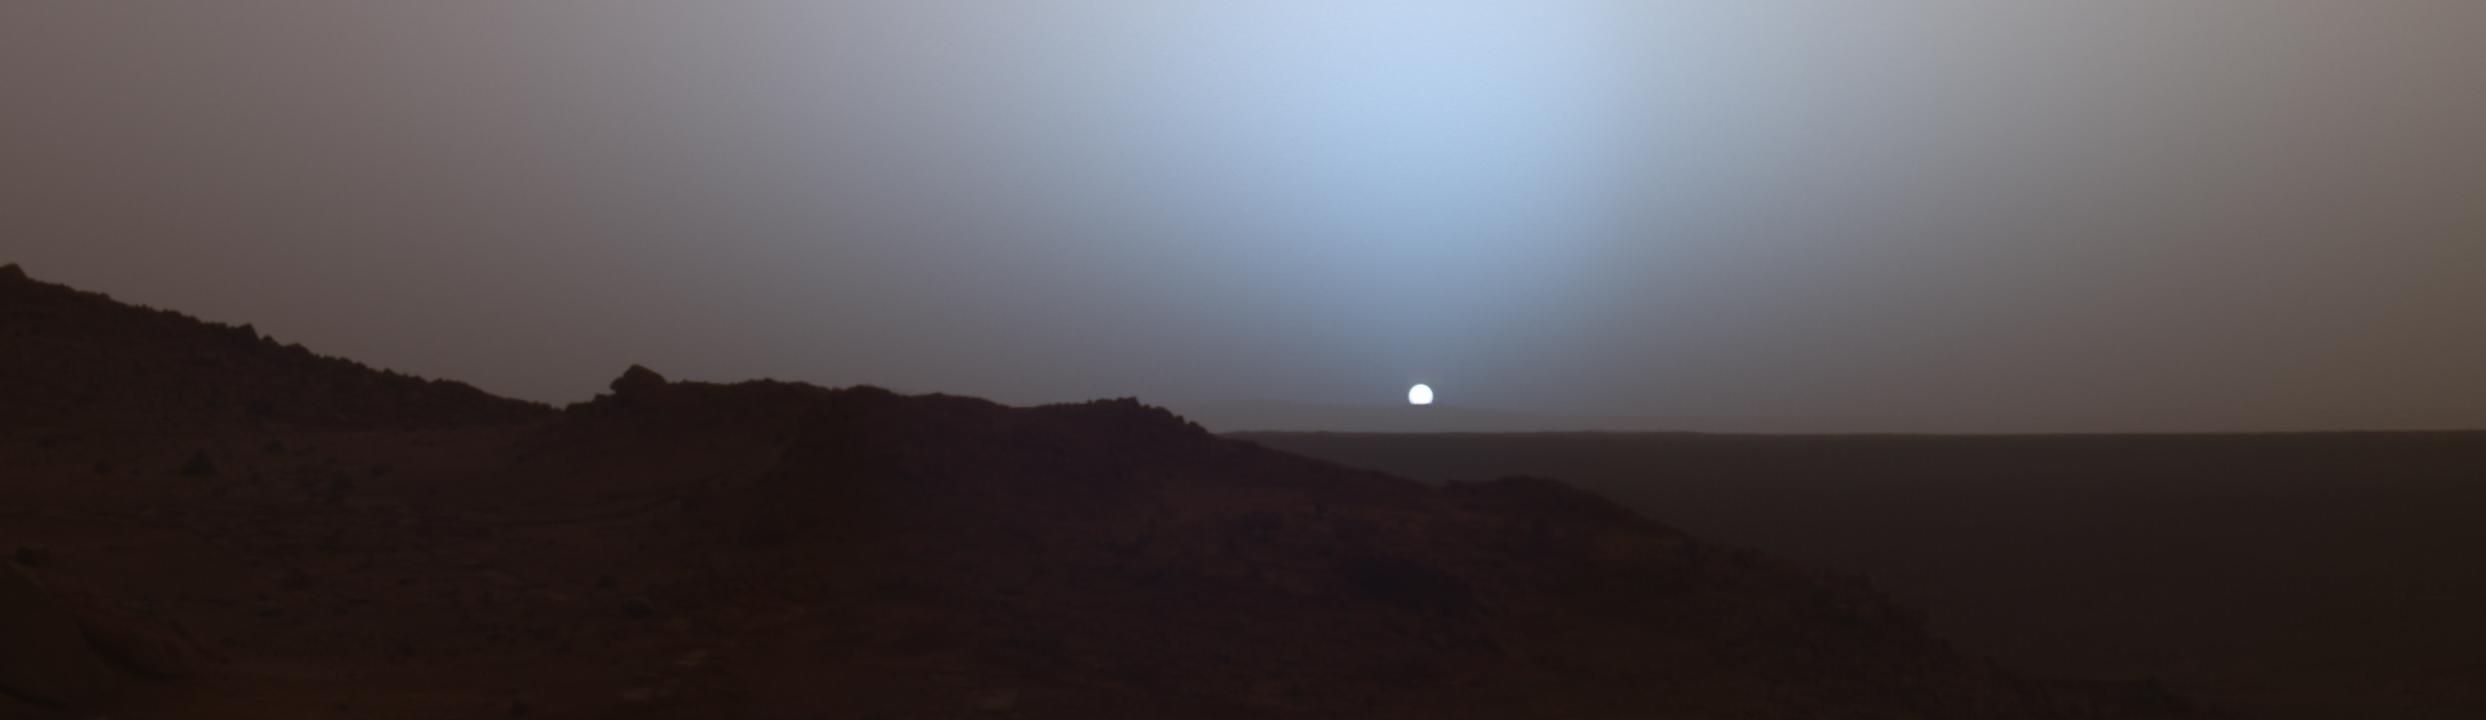 Temperature Extremes On Mars - Sunrise looks like mars